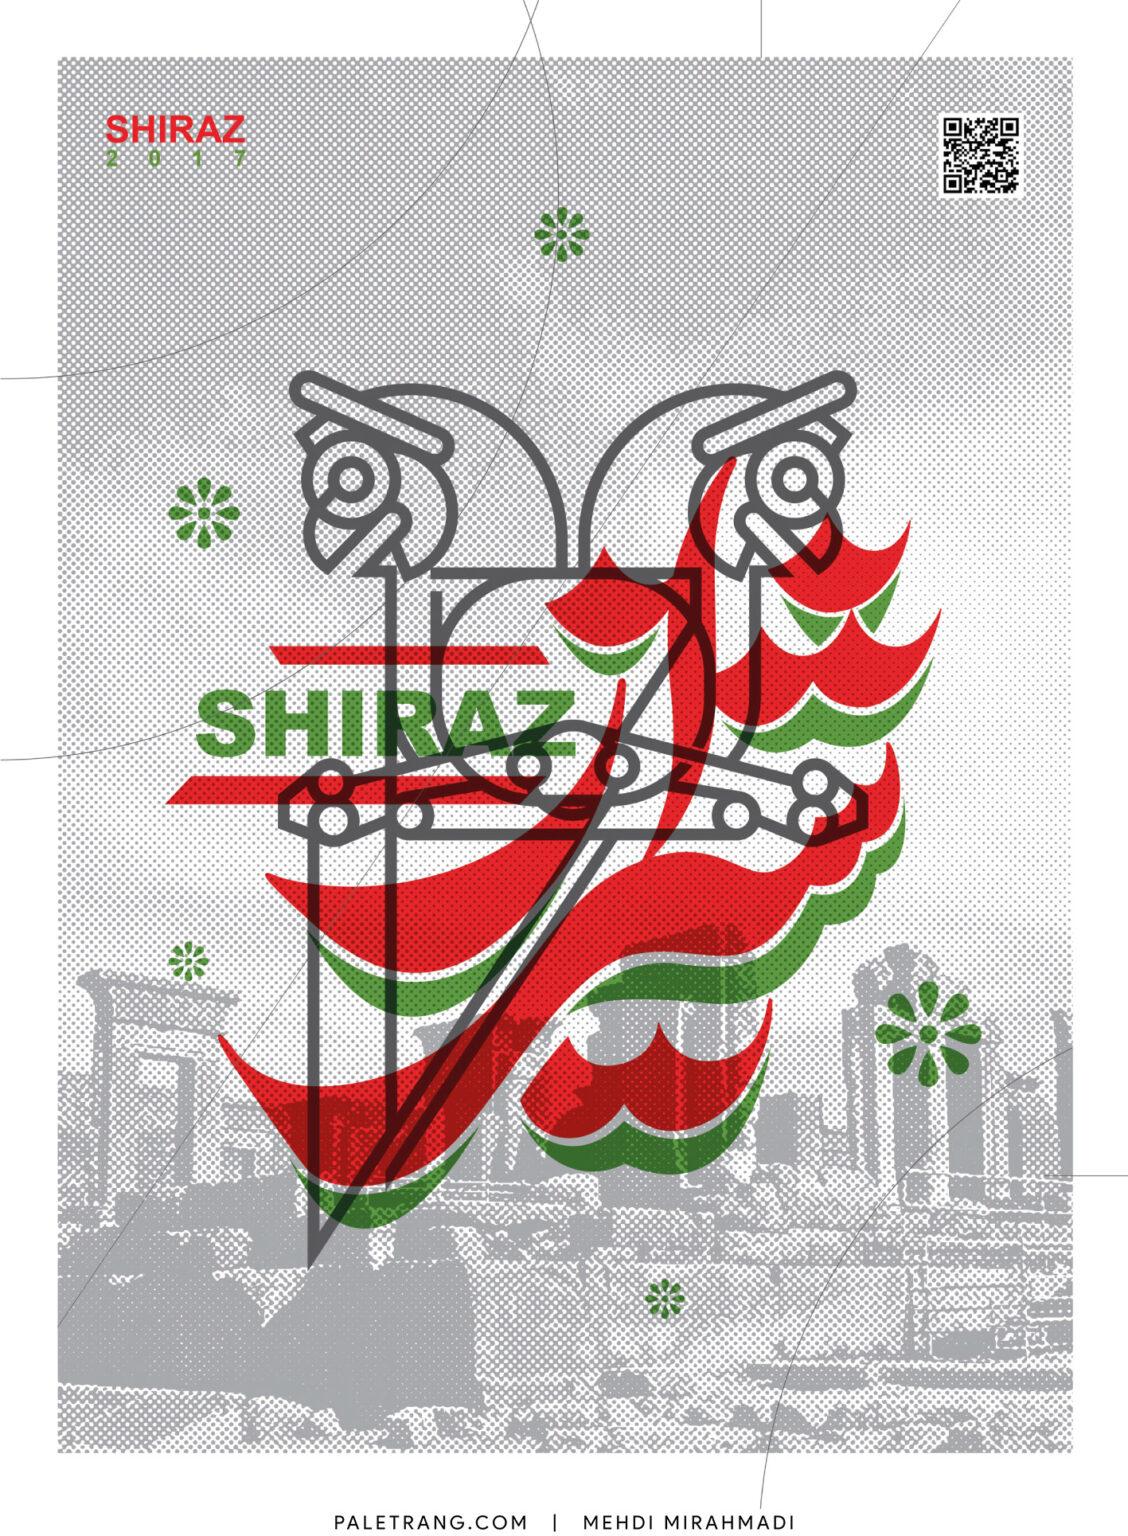 پوستر شیراز اثر سید مهدی میراحمدی